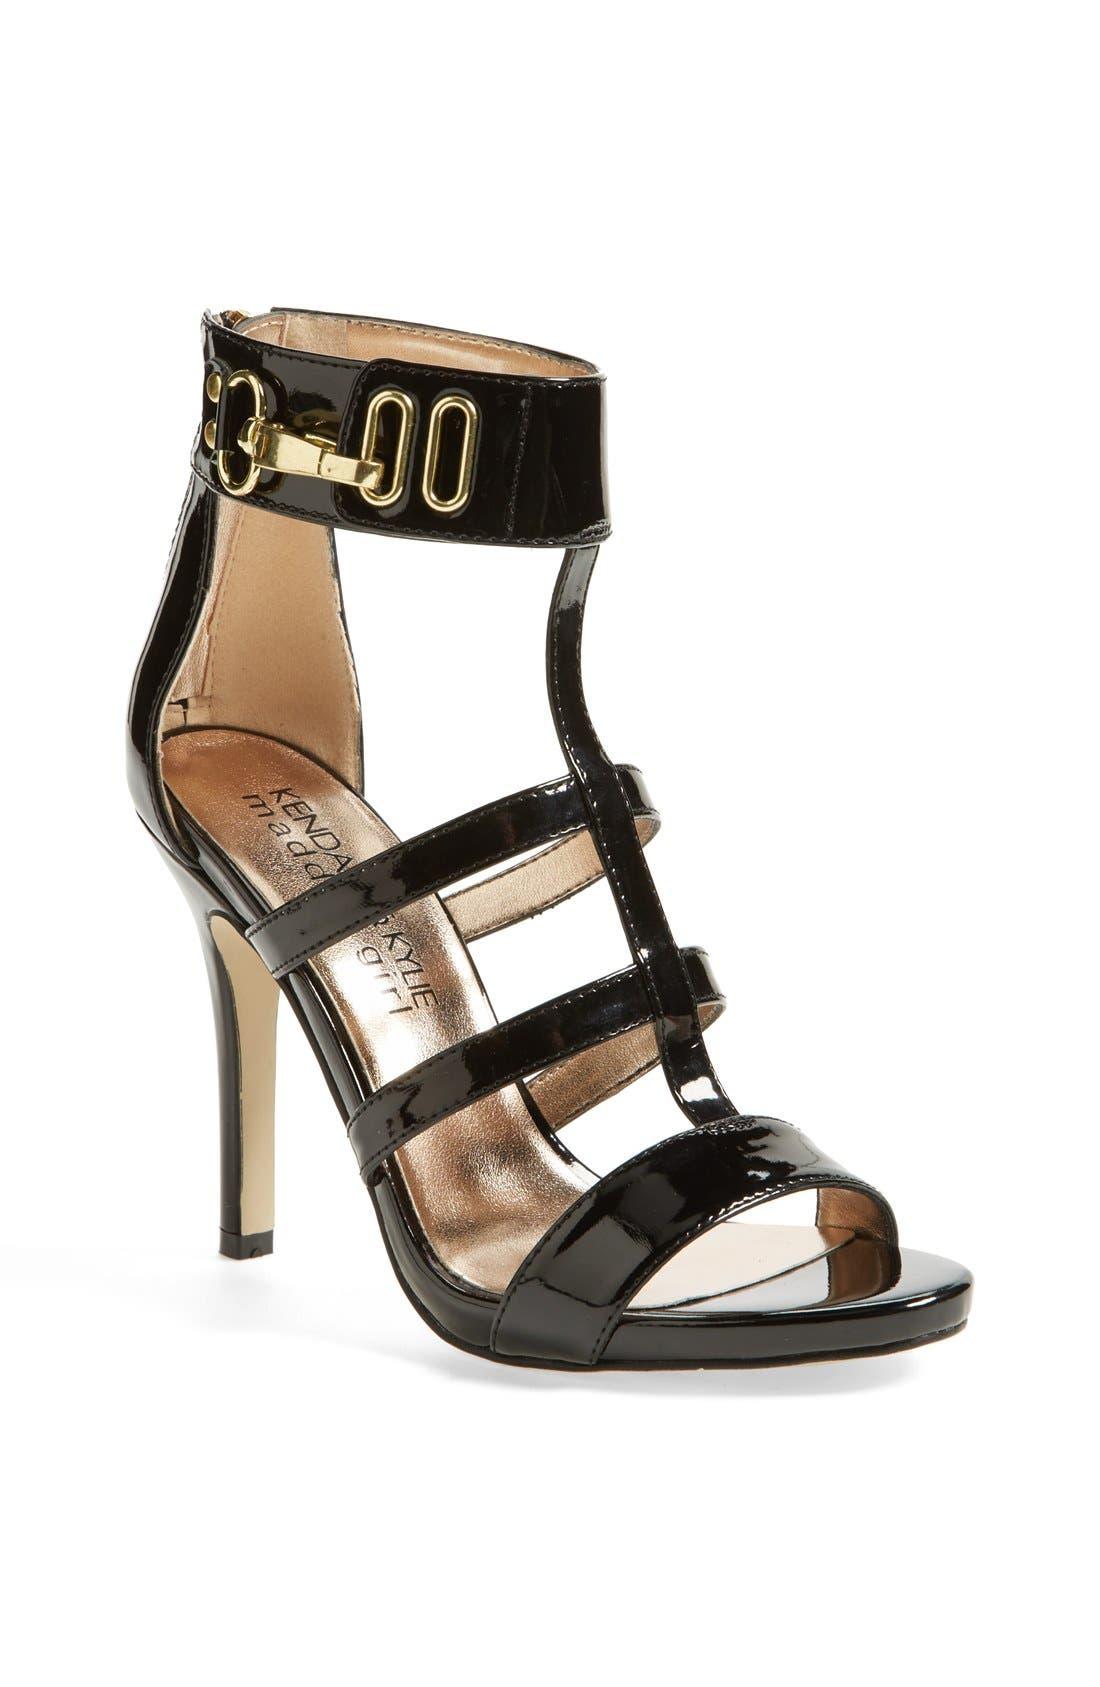 Main Image - KENDALL + KYLIE Madden Girl 'Rocklinn' Sandals